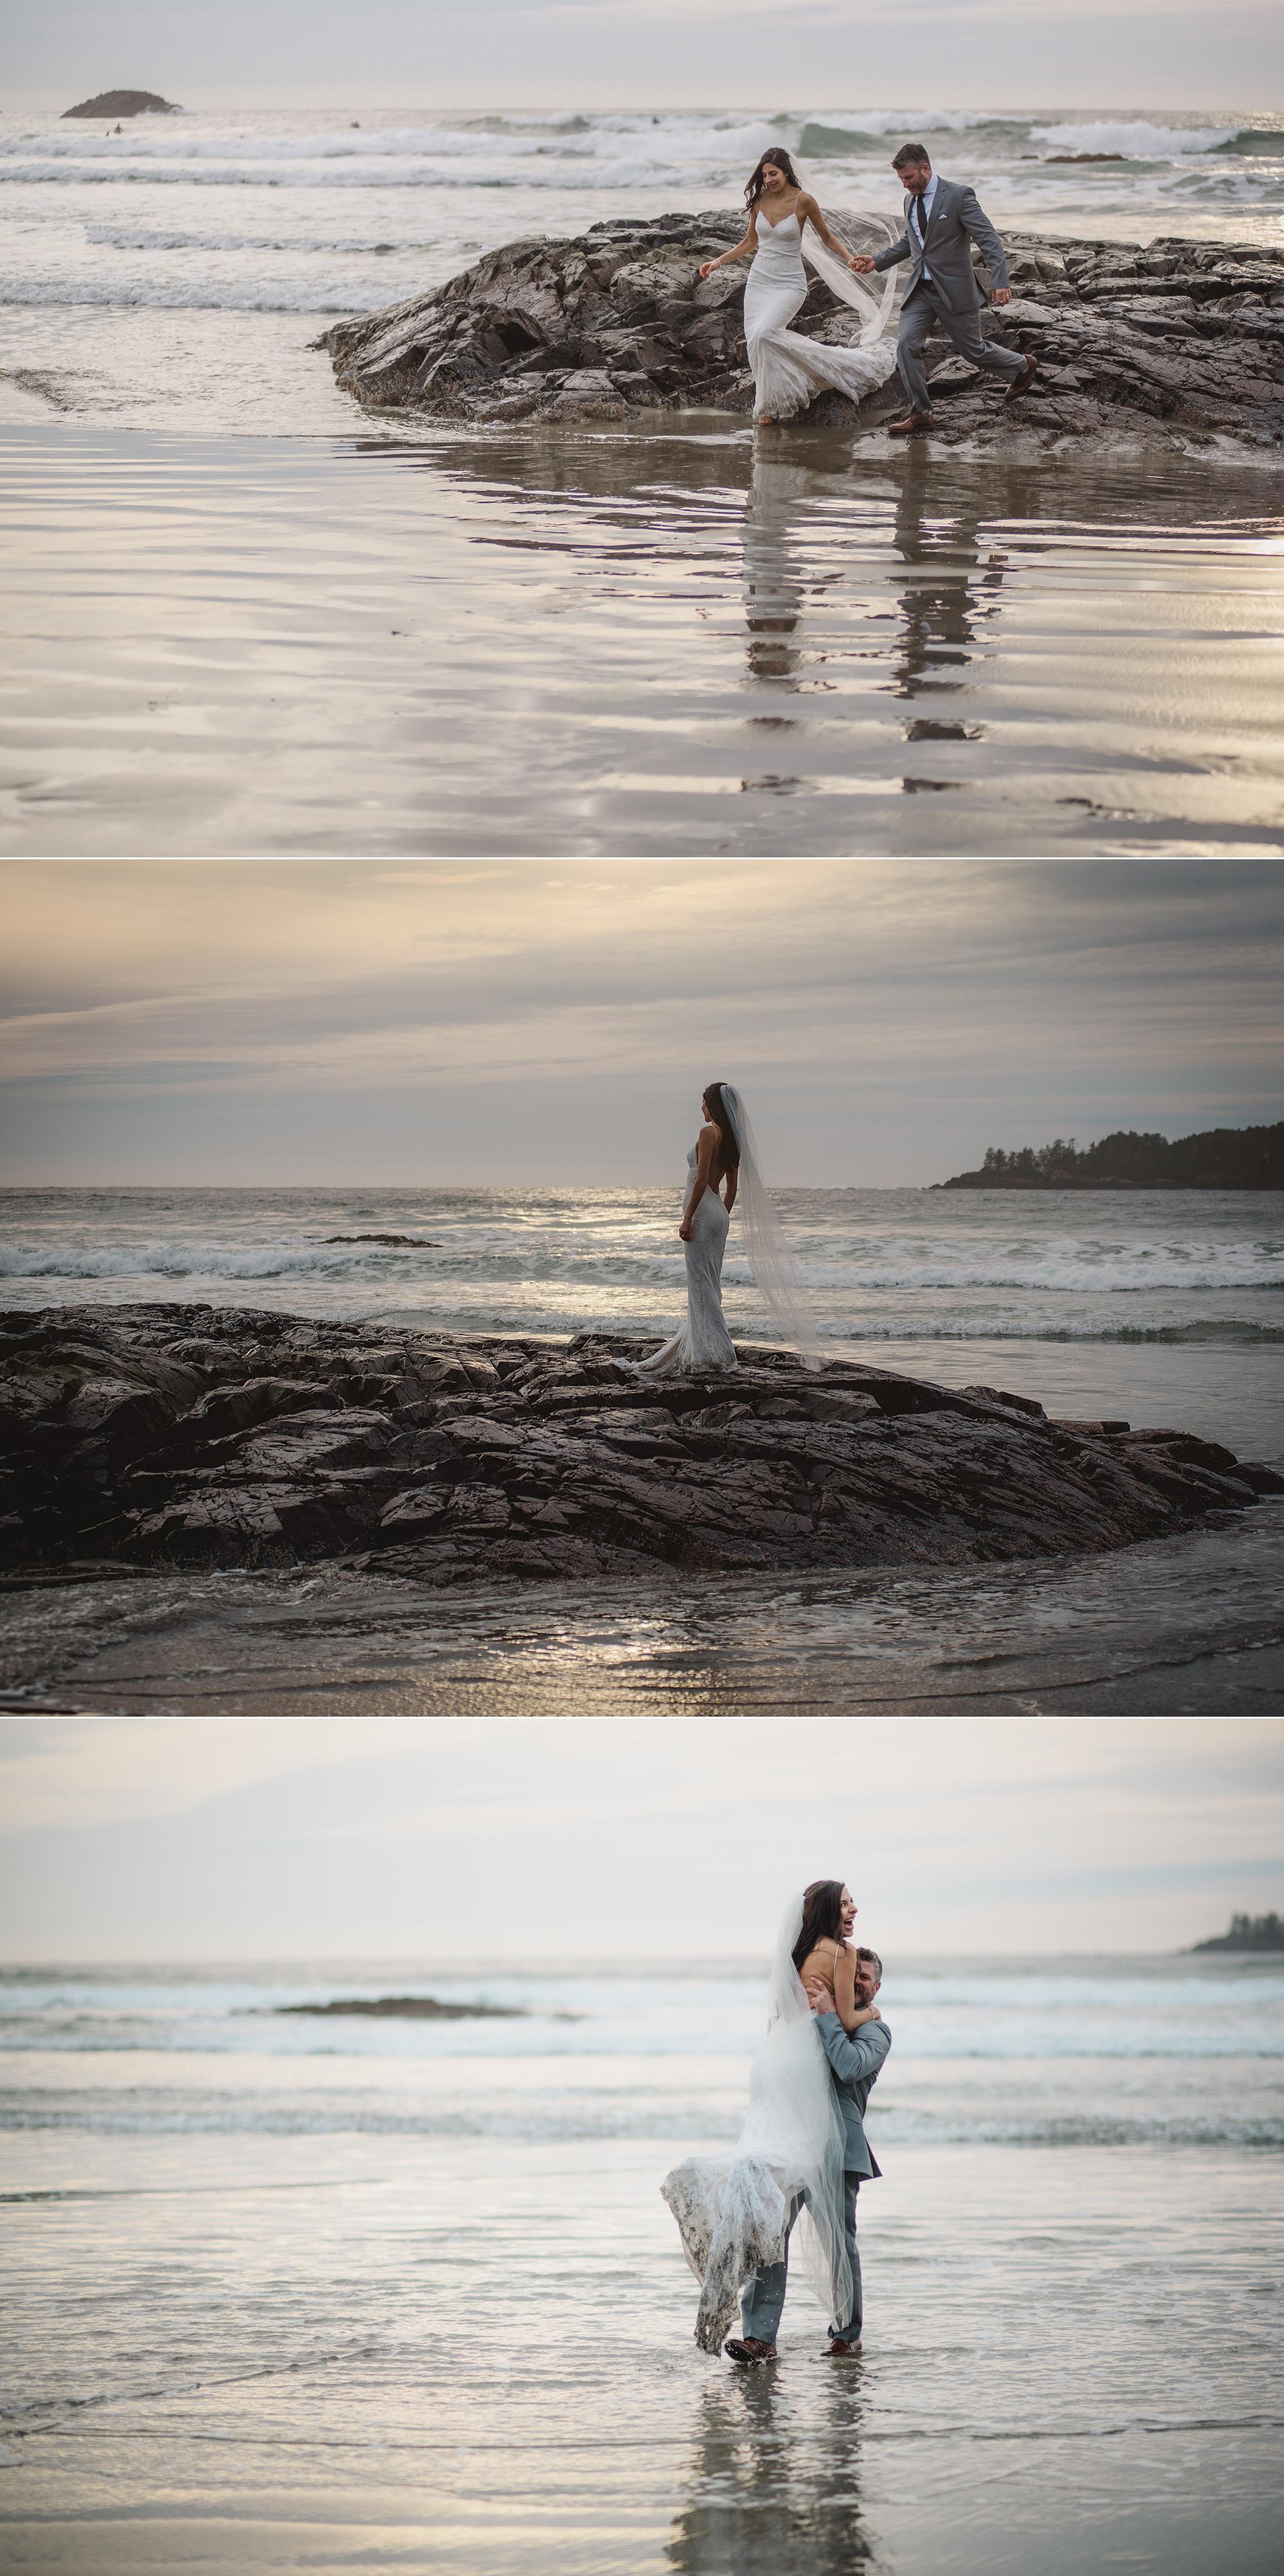 188金宝博线上平台在卡莉·巴斯的婚礼上,拍照的活动